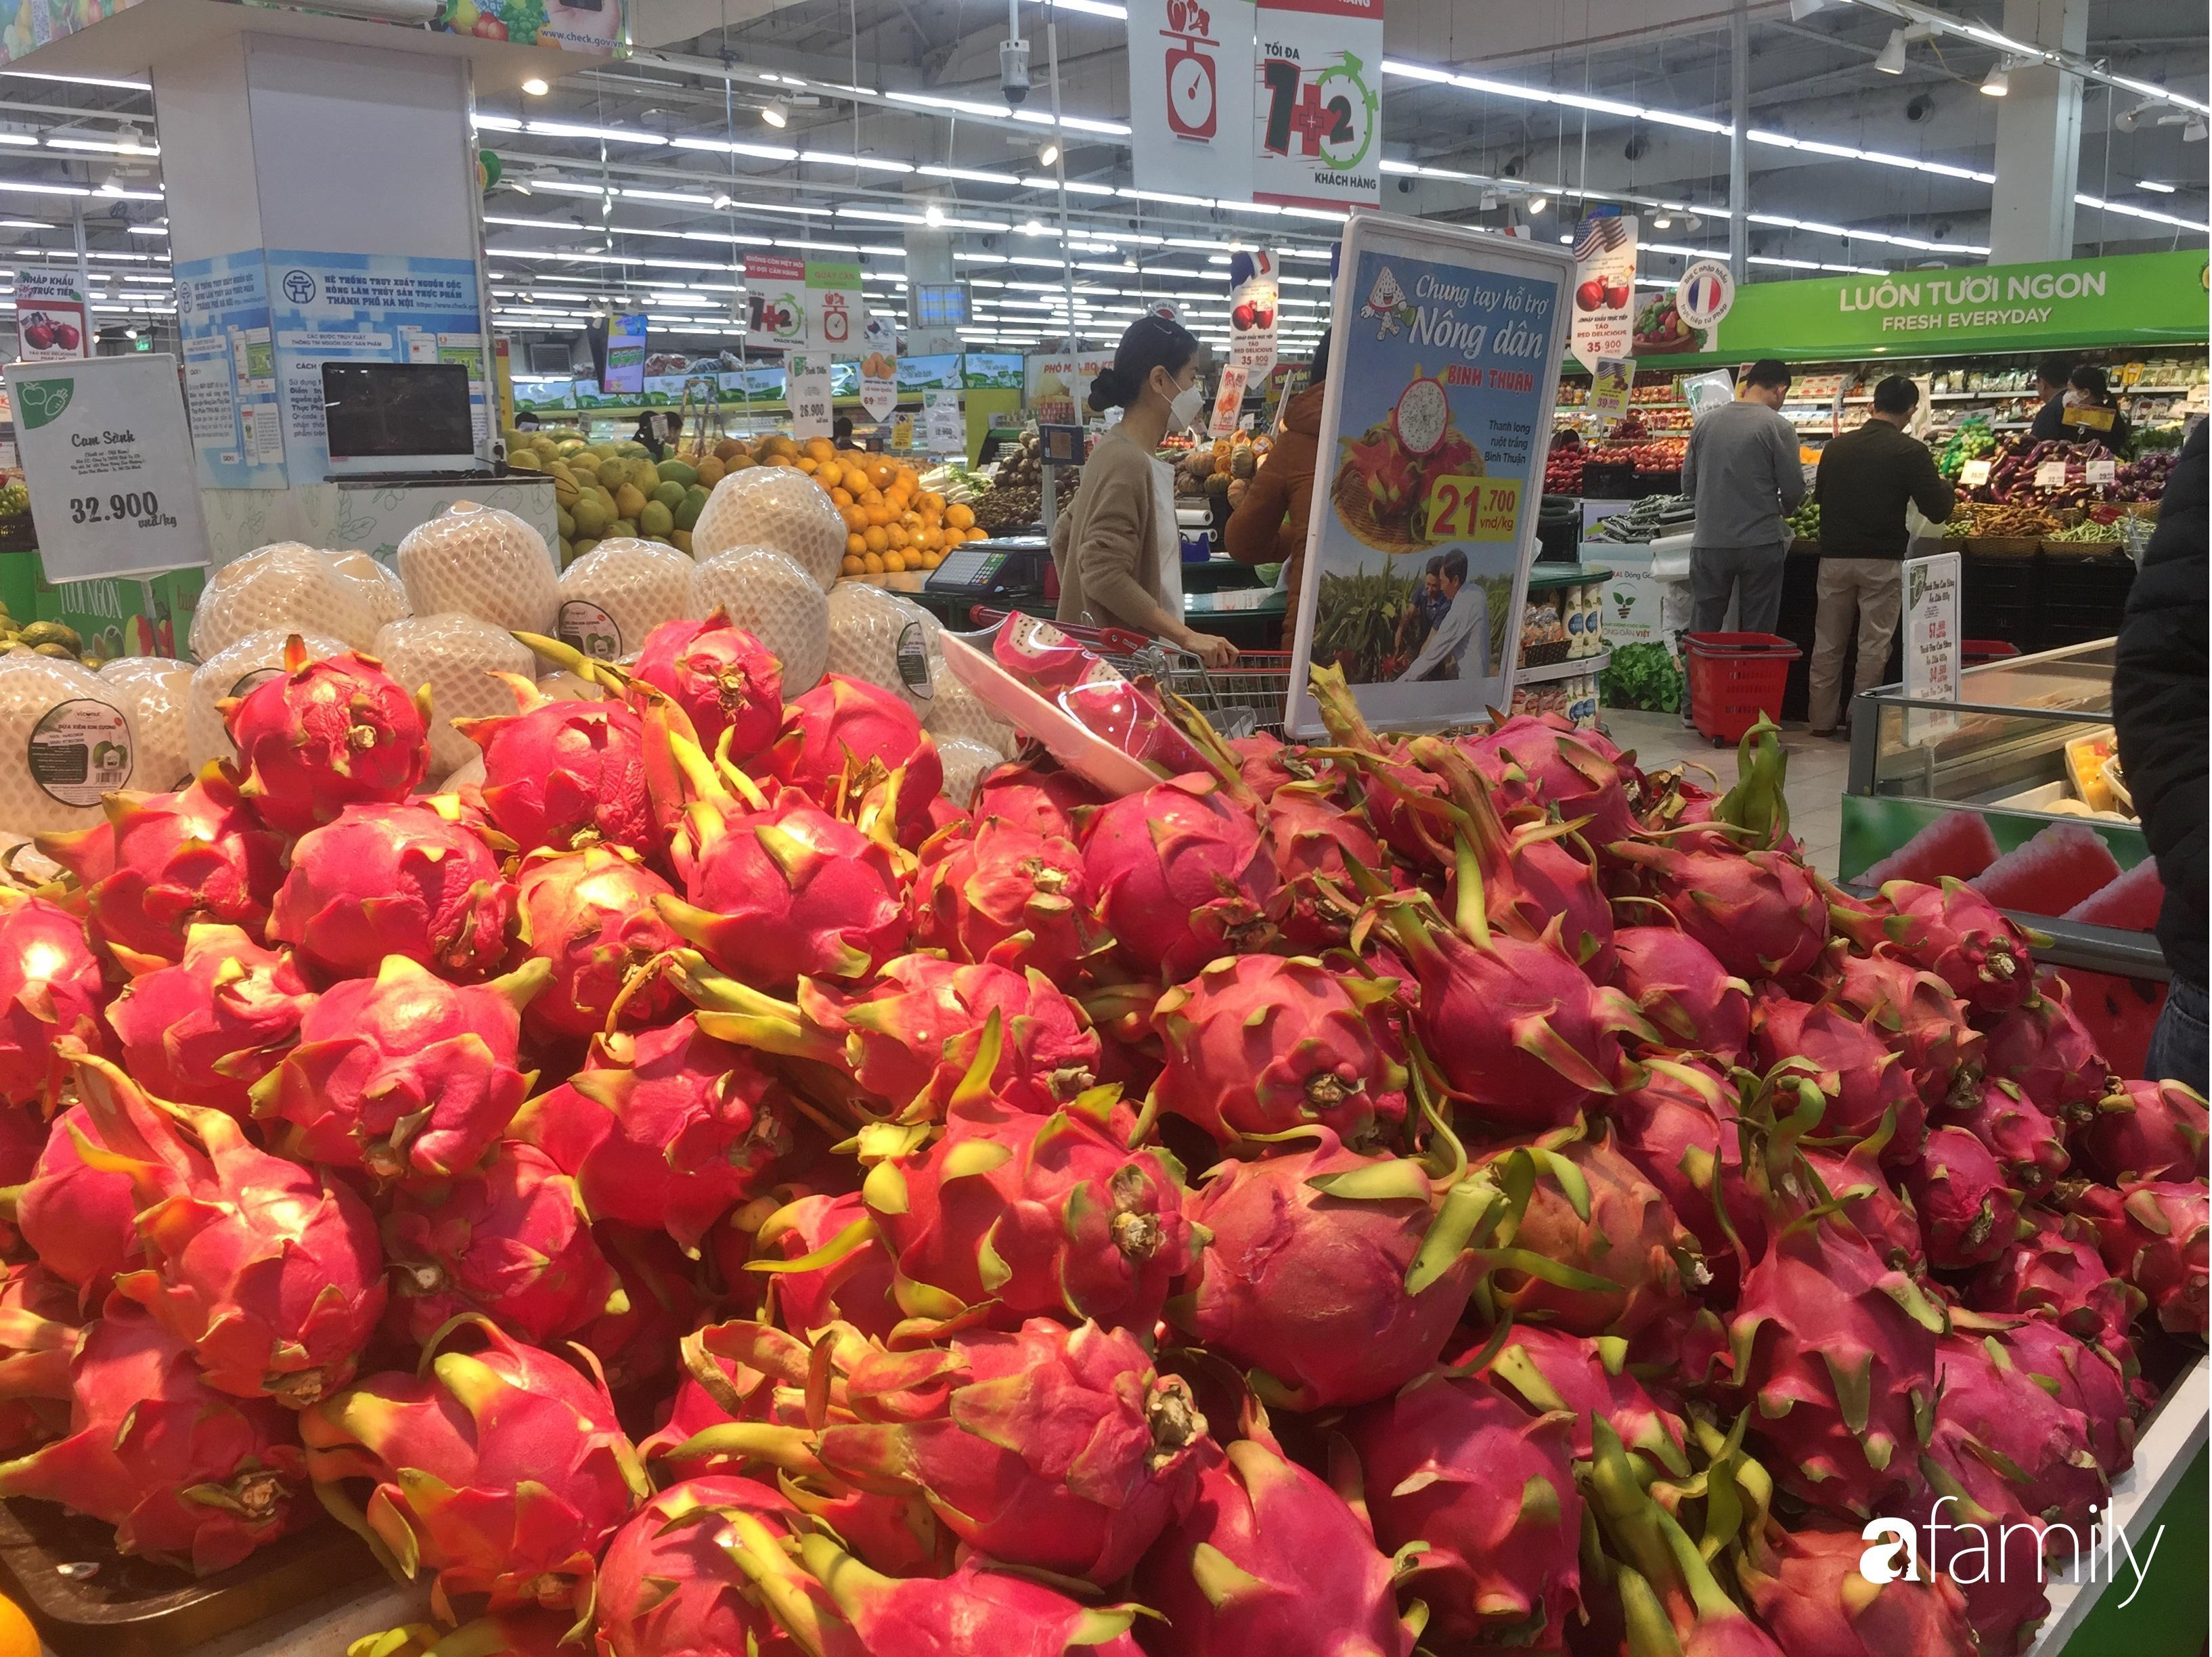 Giá ho quả trong siêu thị rẻ gấp 3 lần so với thời điểm trước Tết, dư hấu còn 6.700 đồng/kg - Ảnh 3.